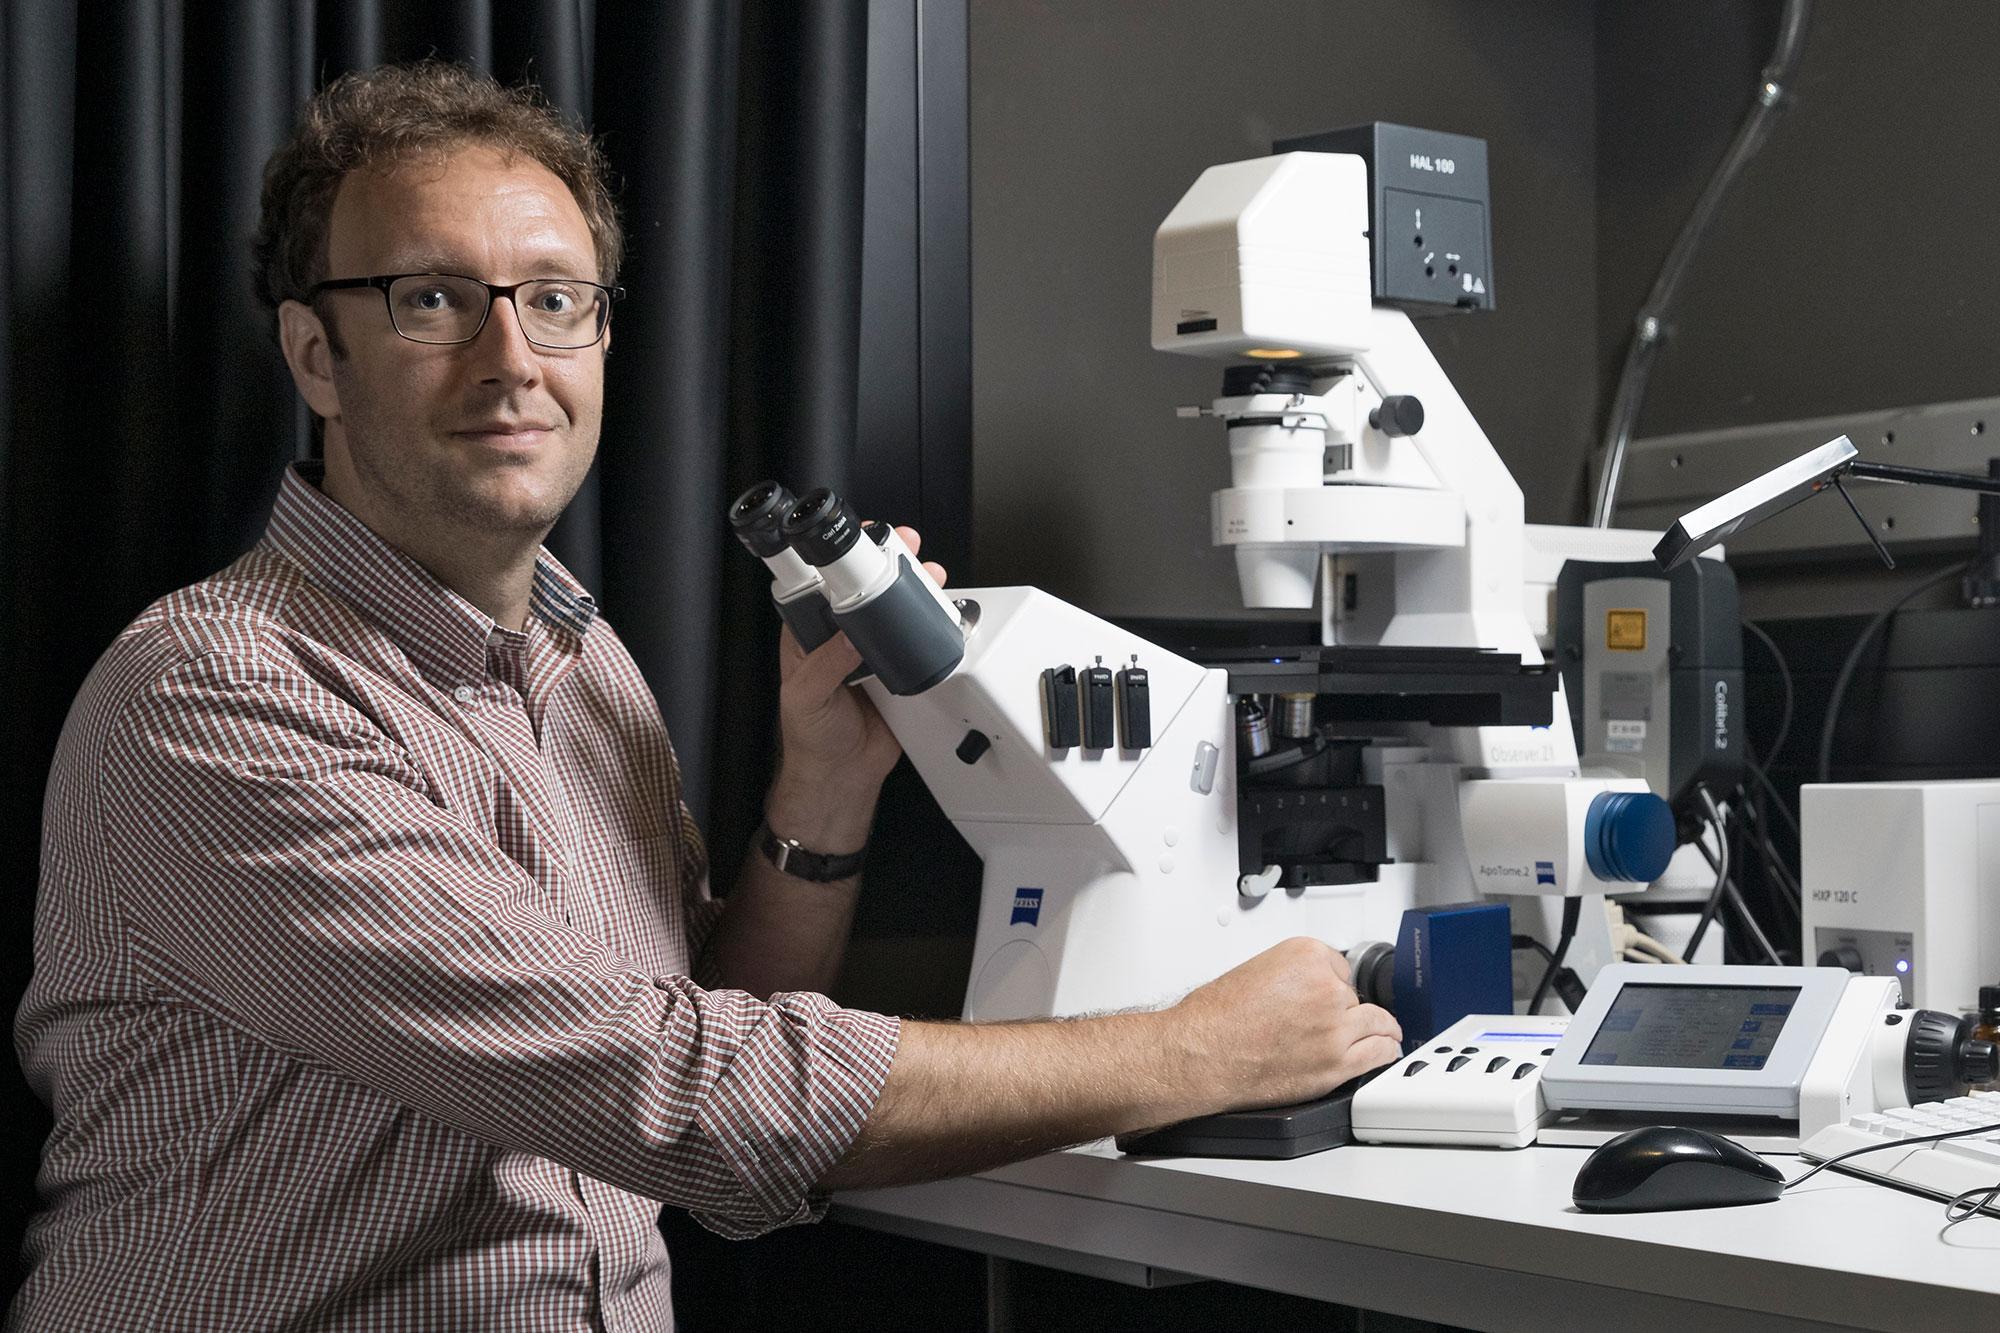 Der Wissenschaftspreis Latsis geht an Nicola Aceto